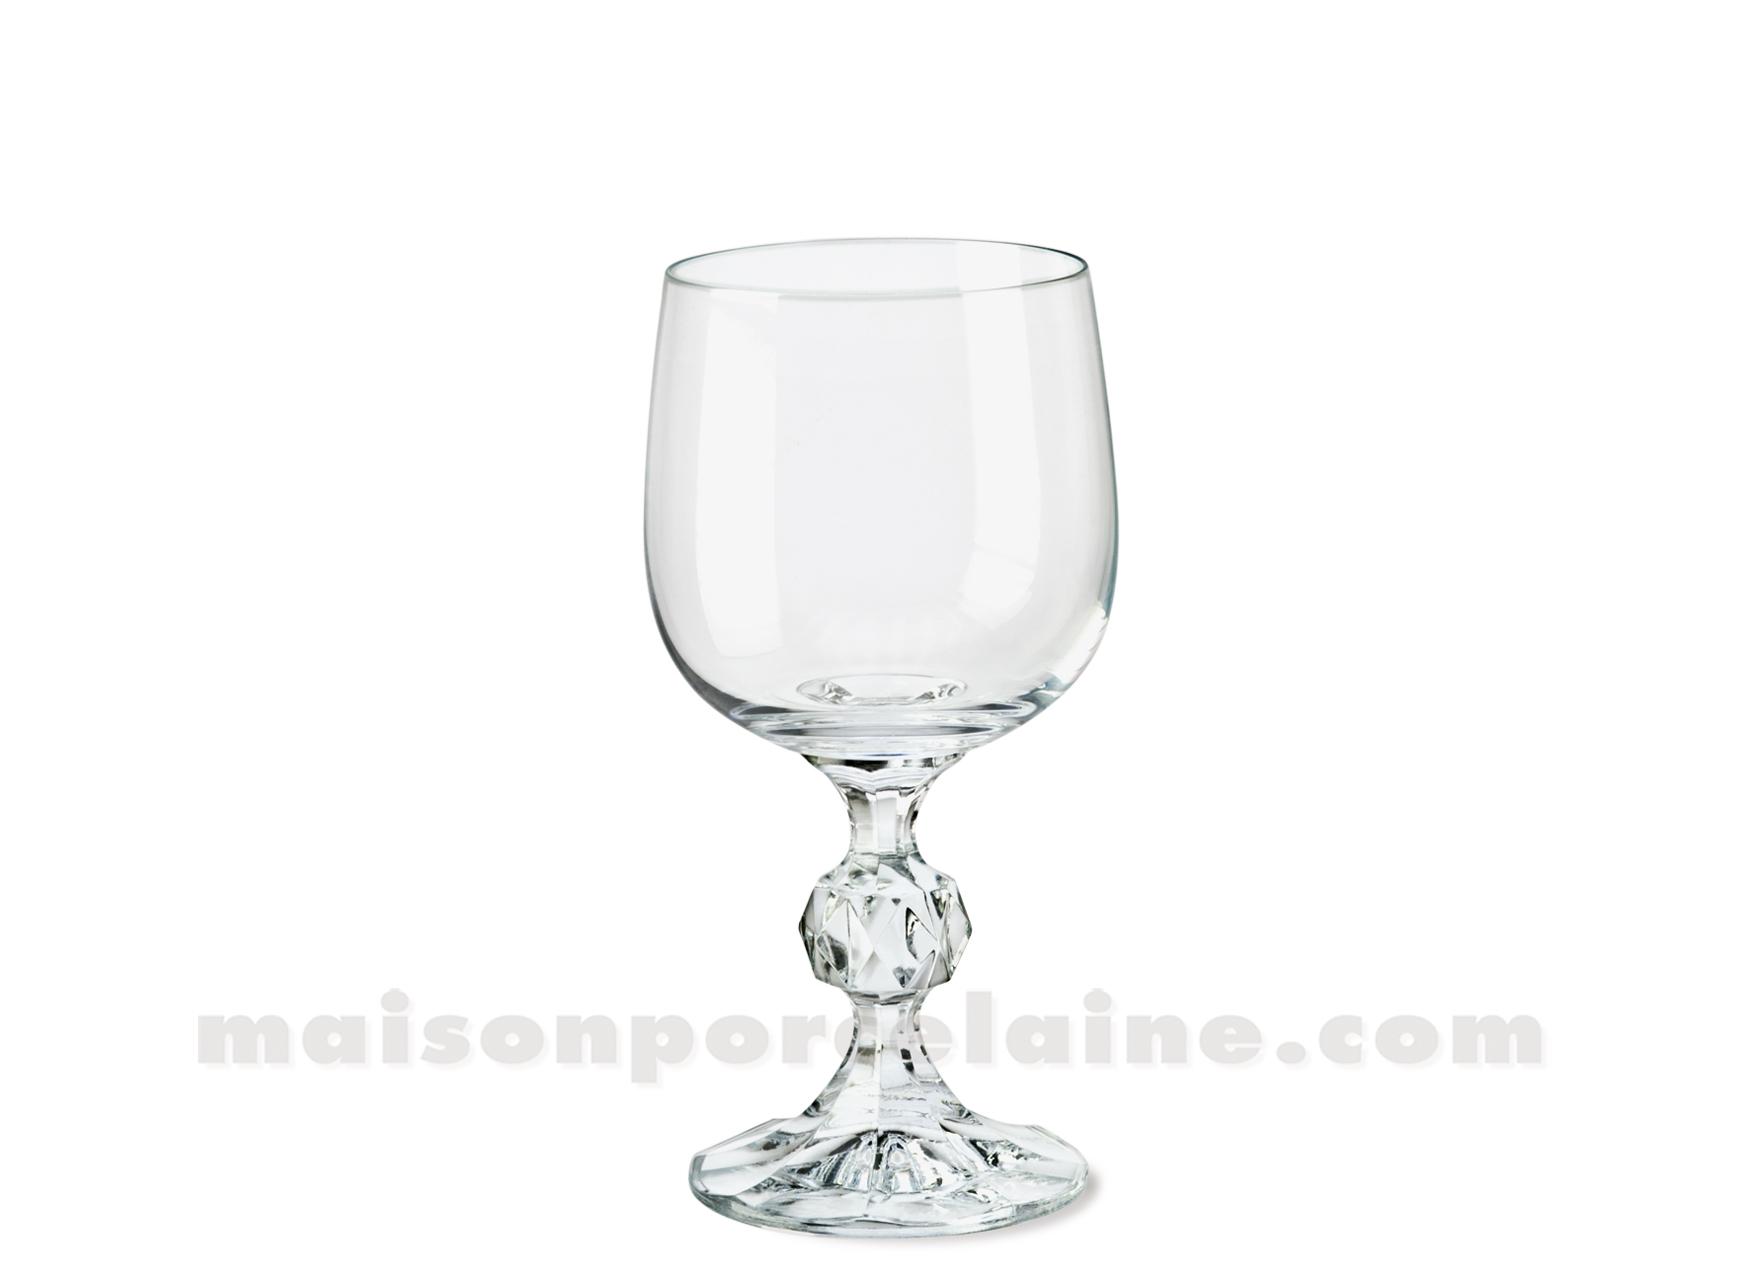 Verre a eau claudia cristal de boheme 14x7 19cl maison de la porcelaine - Prix d un verre en cristal ...